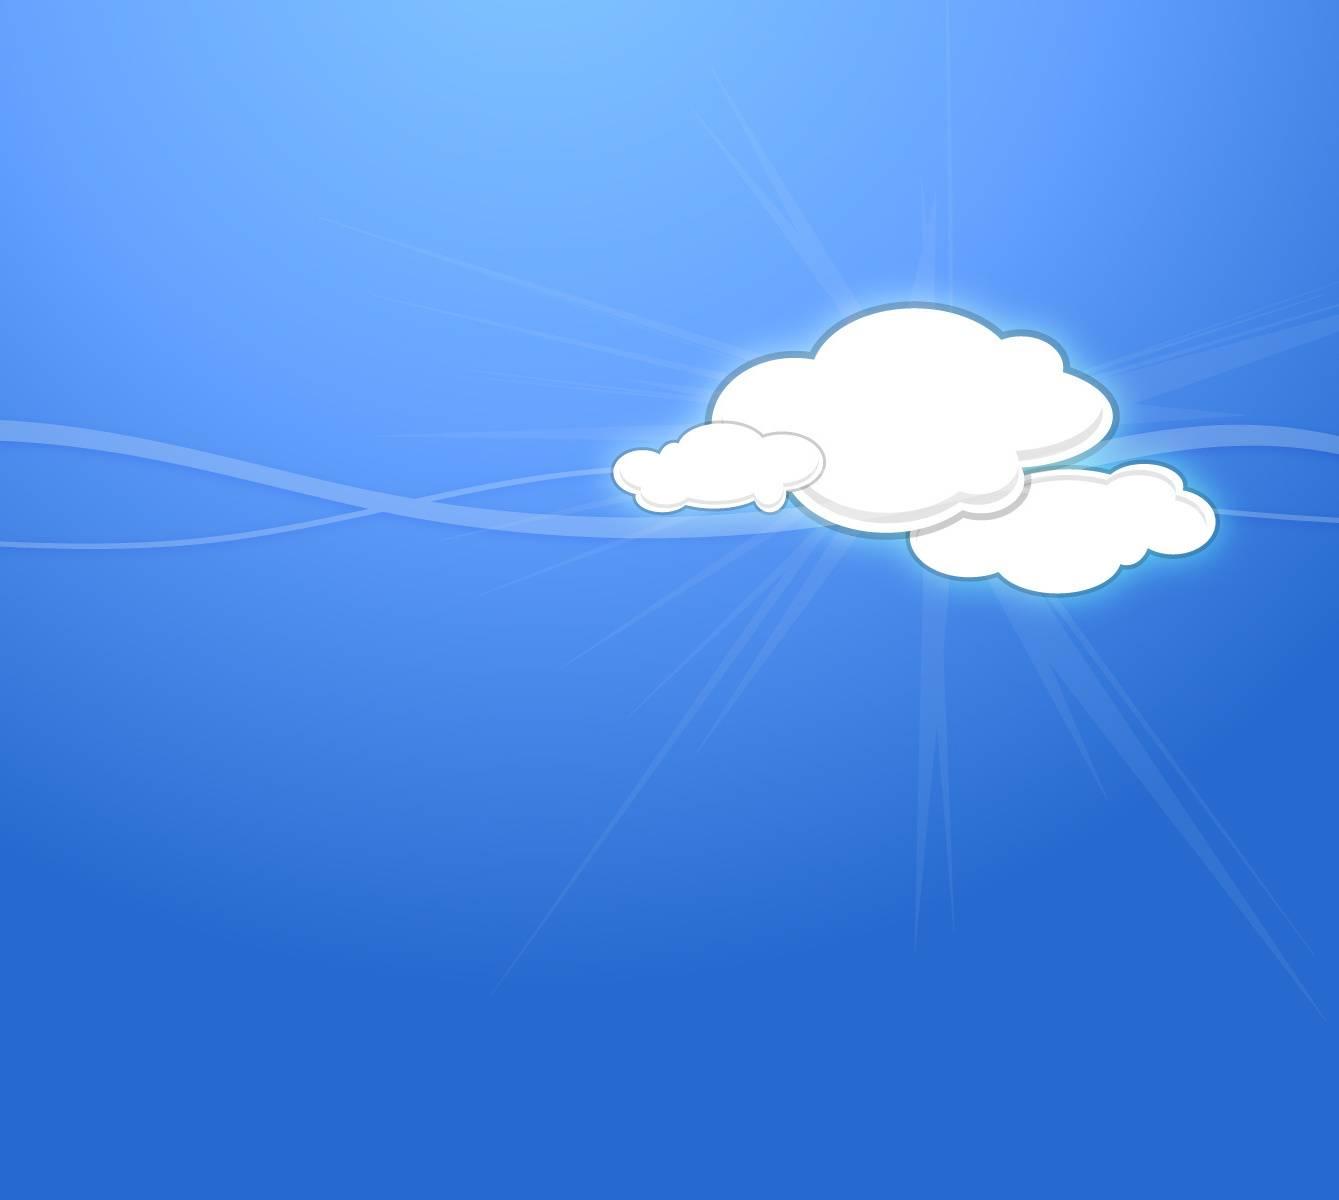 Simple Sky Cloud